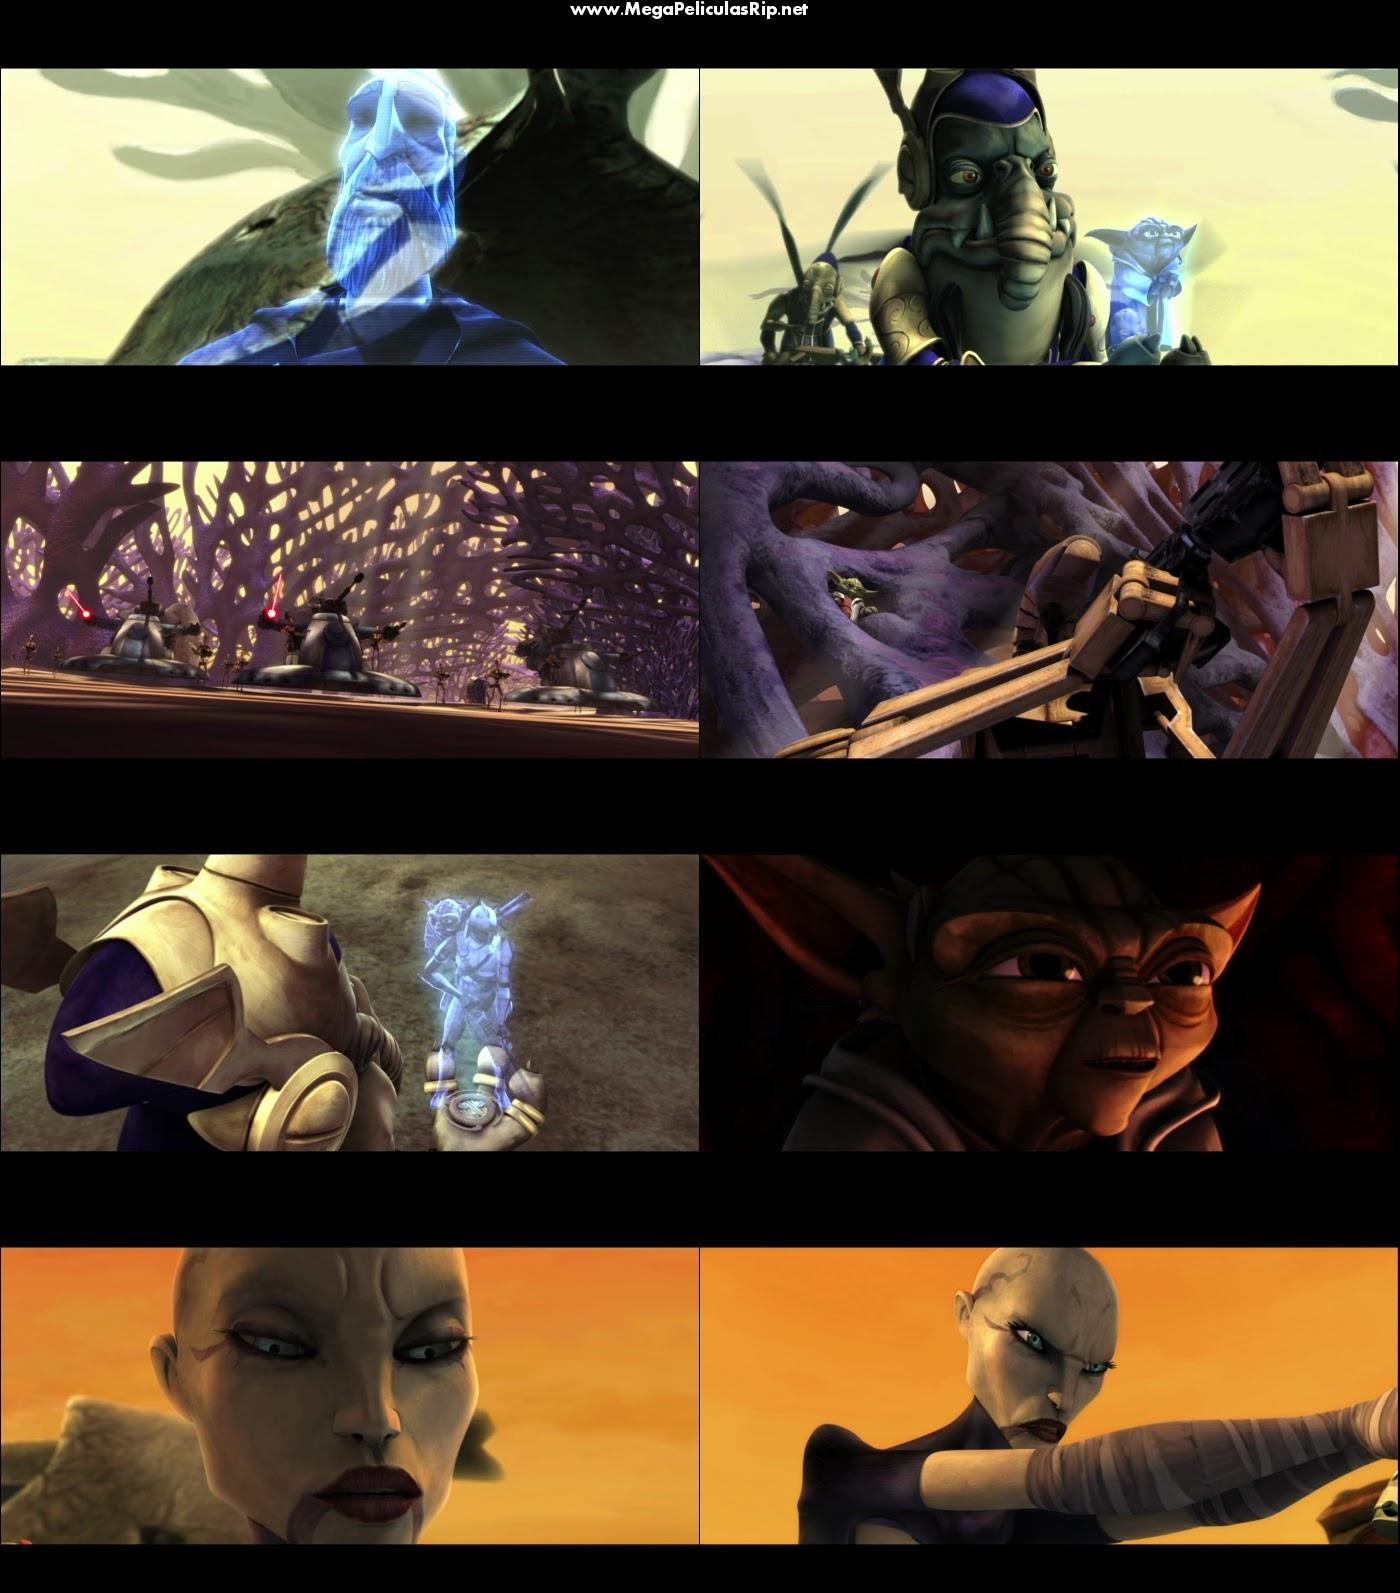 Star Wars La Guerra De Los Clones Temporada 1 1080p Latino